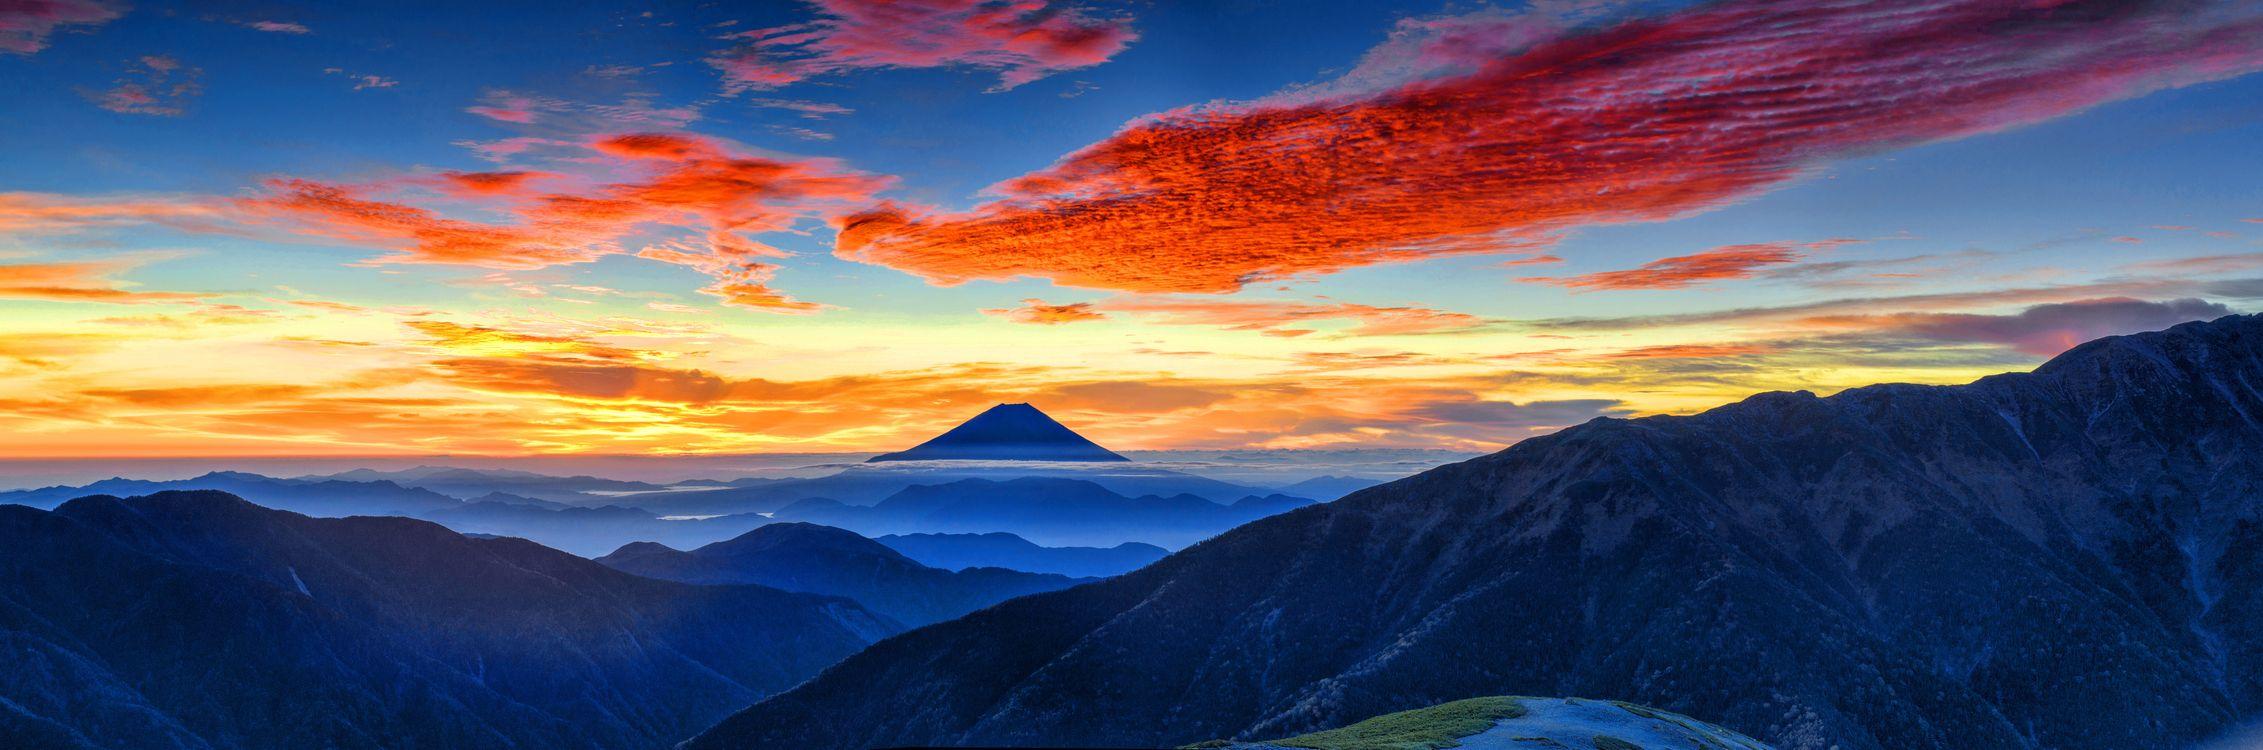 Фото Гора Фудзи Горы Природа - бесплатные картинки на Fonwall